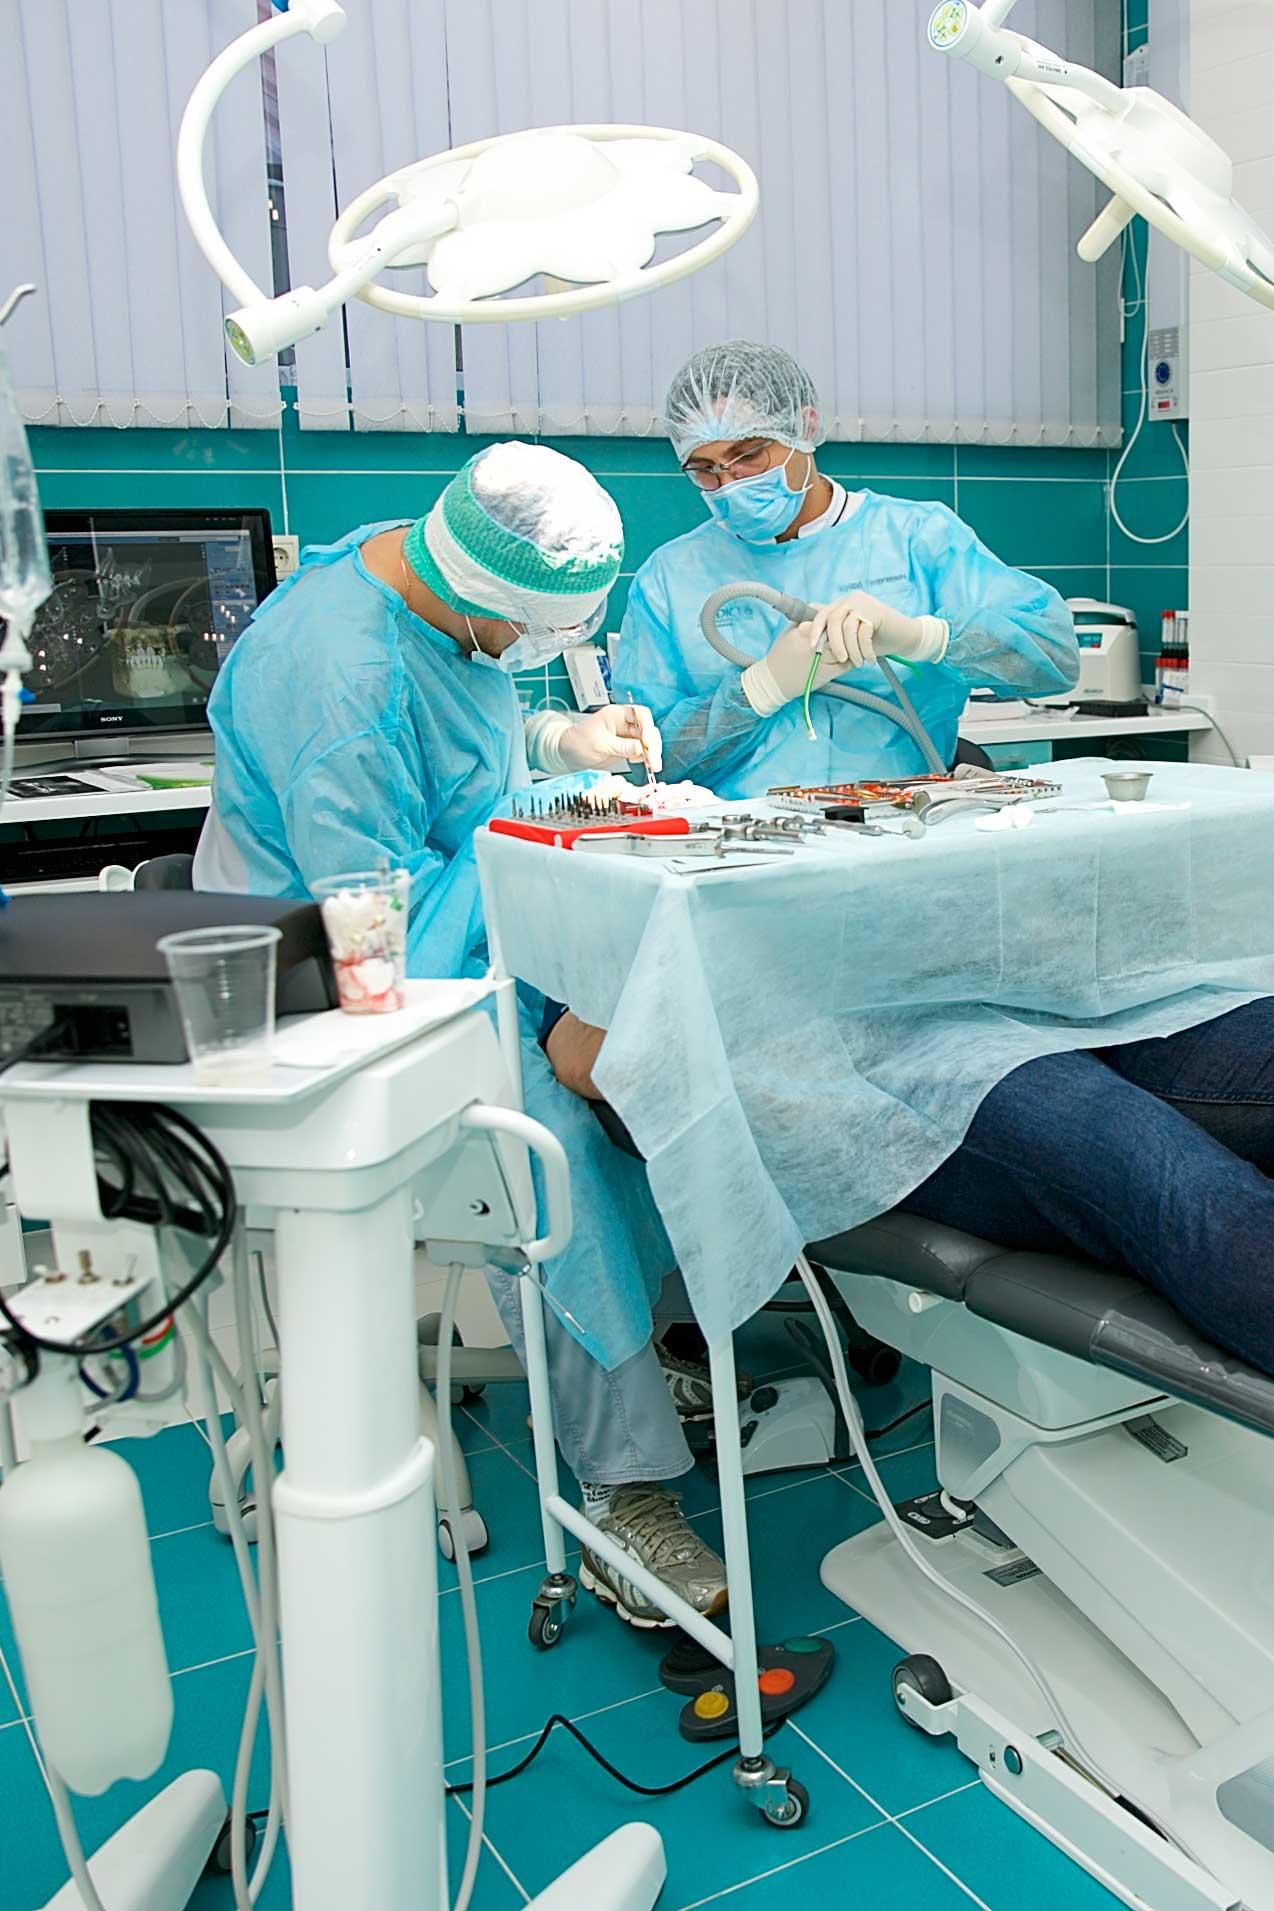 лечение зубов под общим наркозом сочи